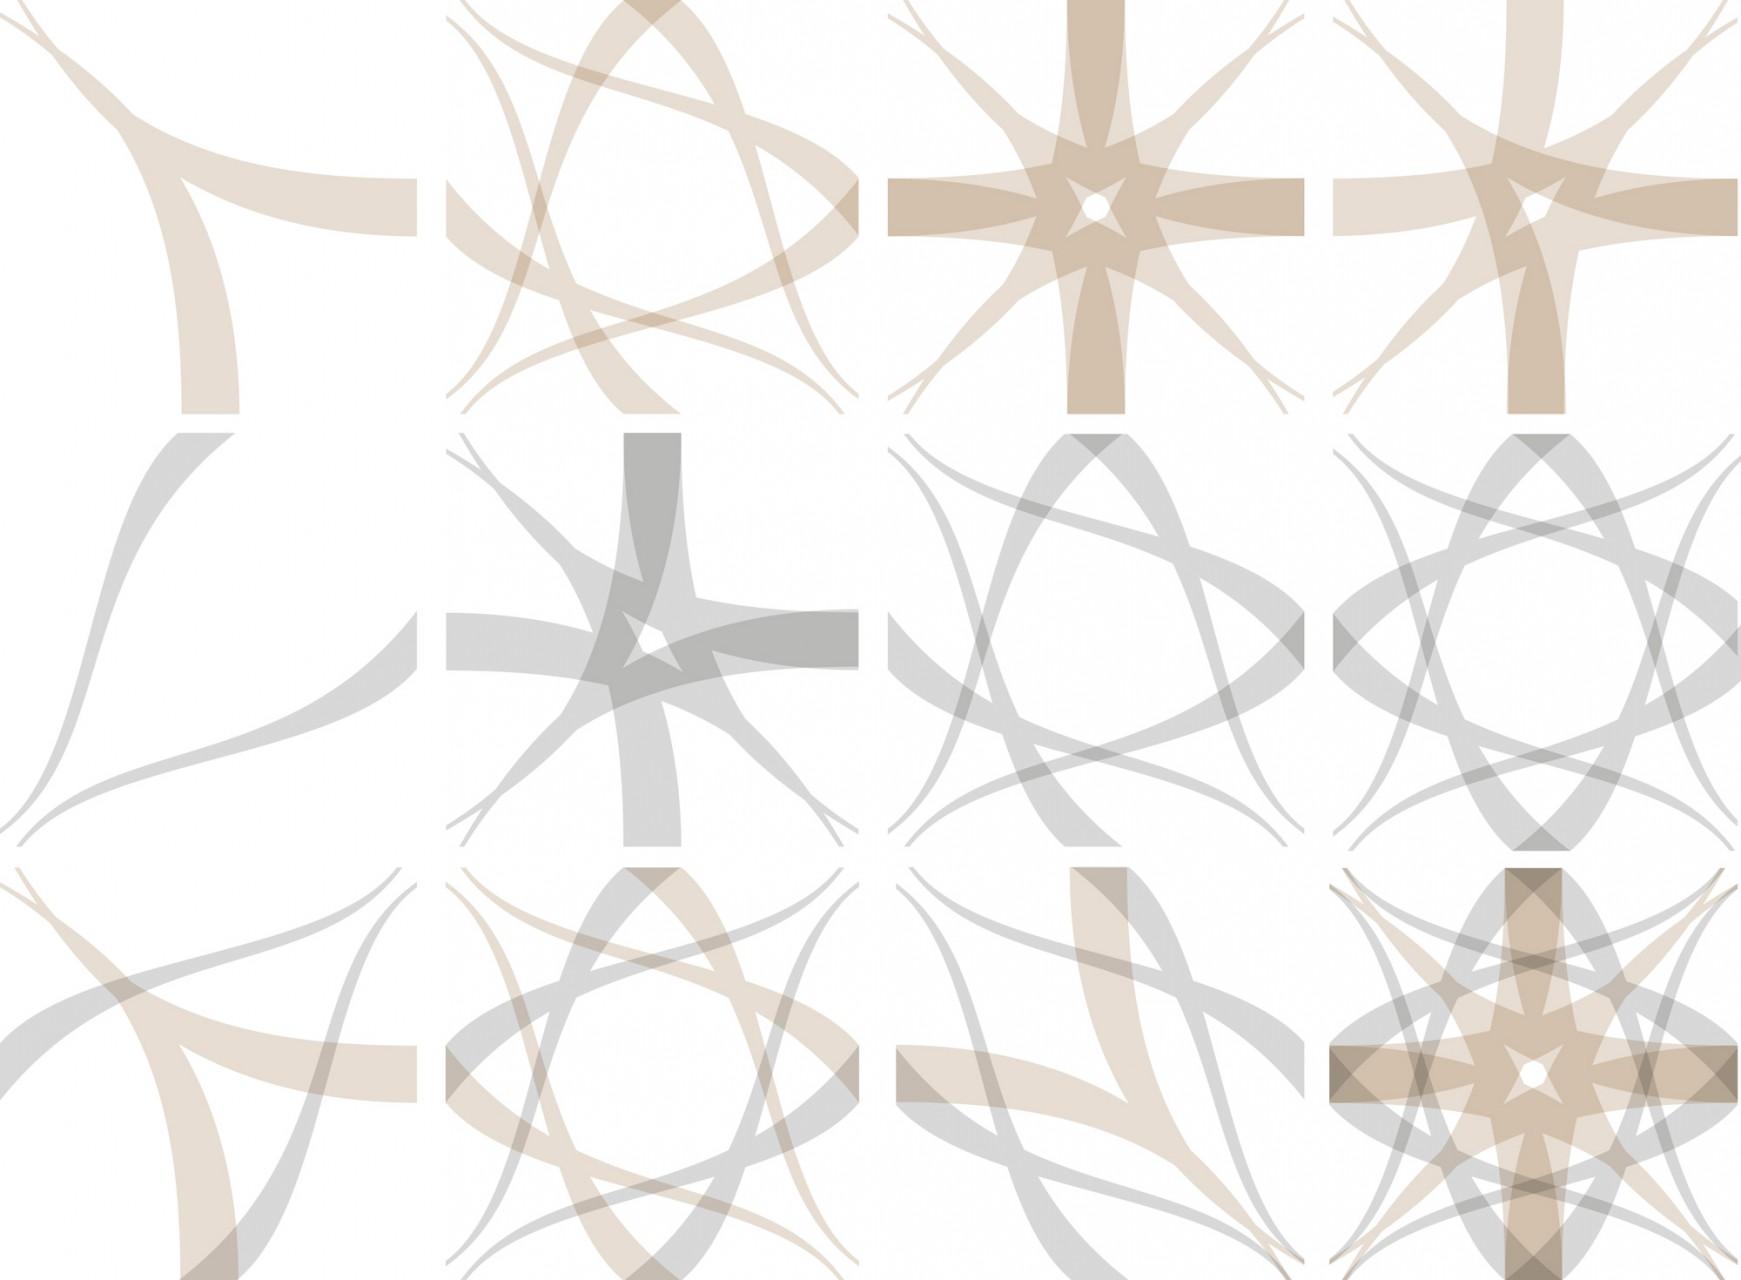 fita02_motifs